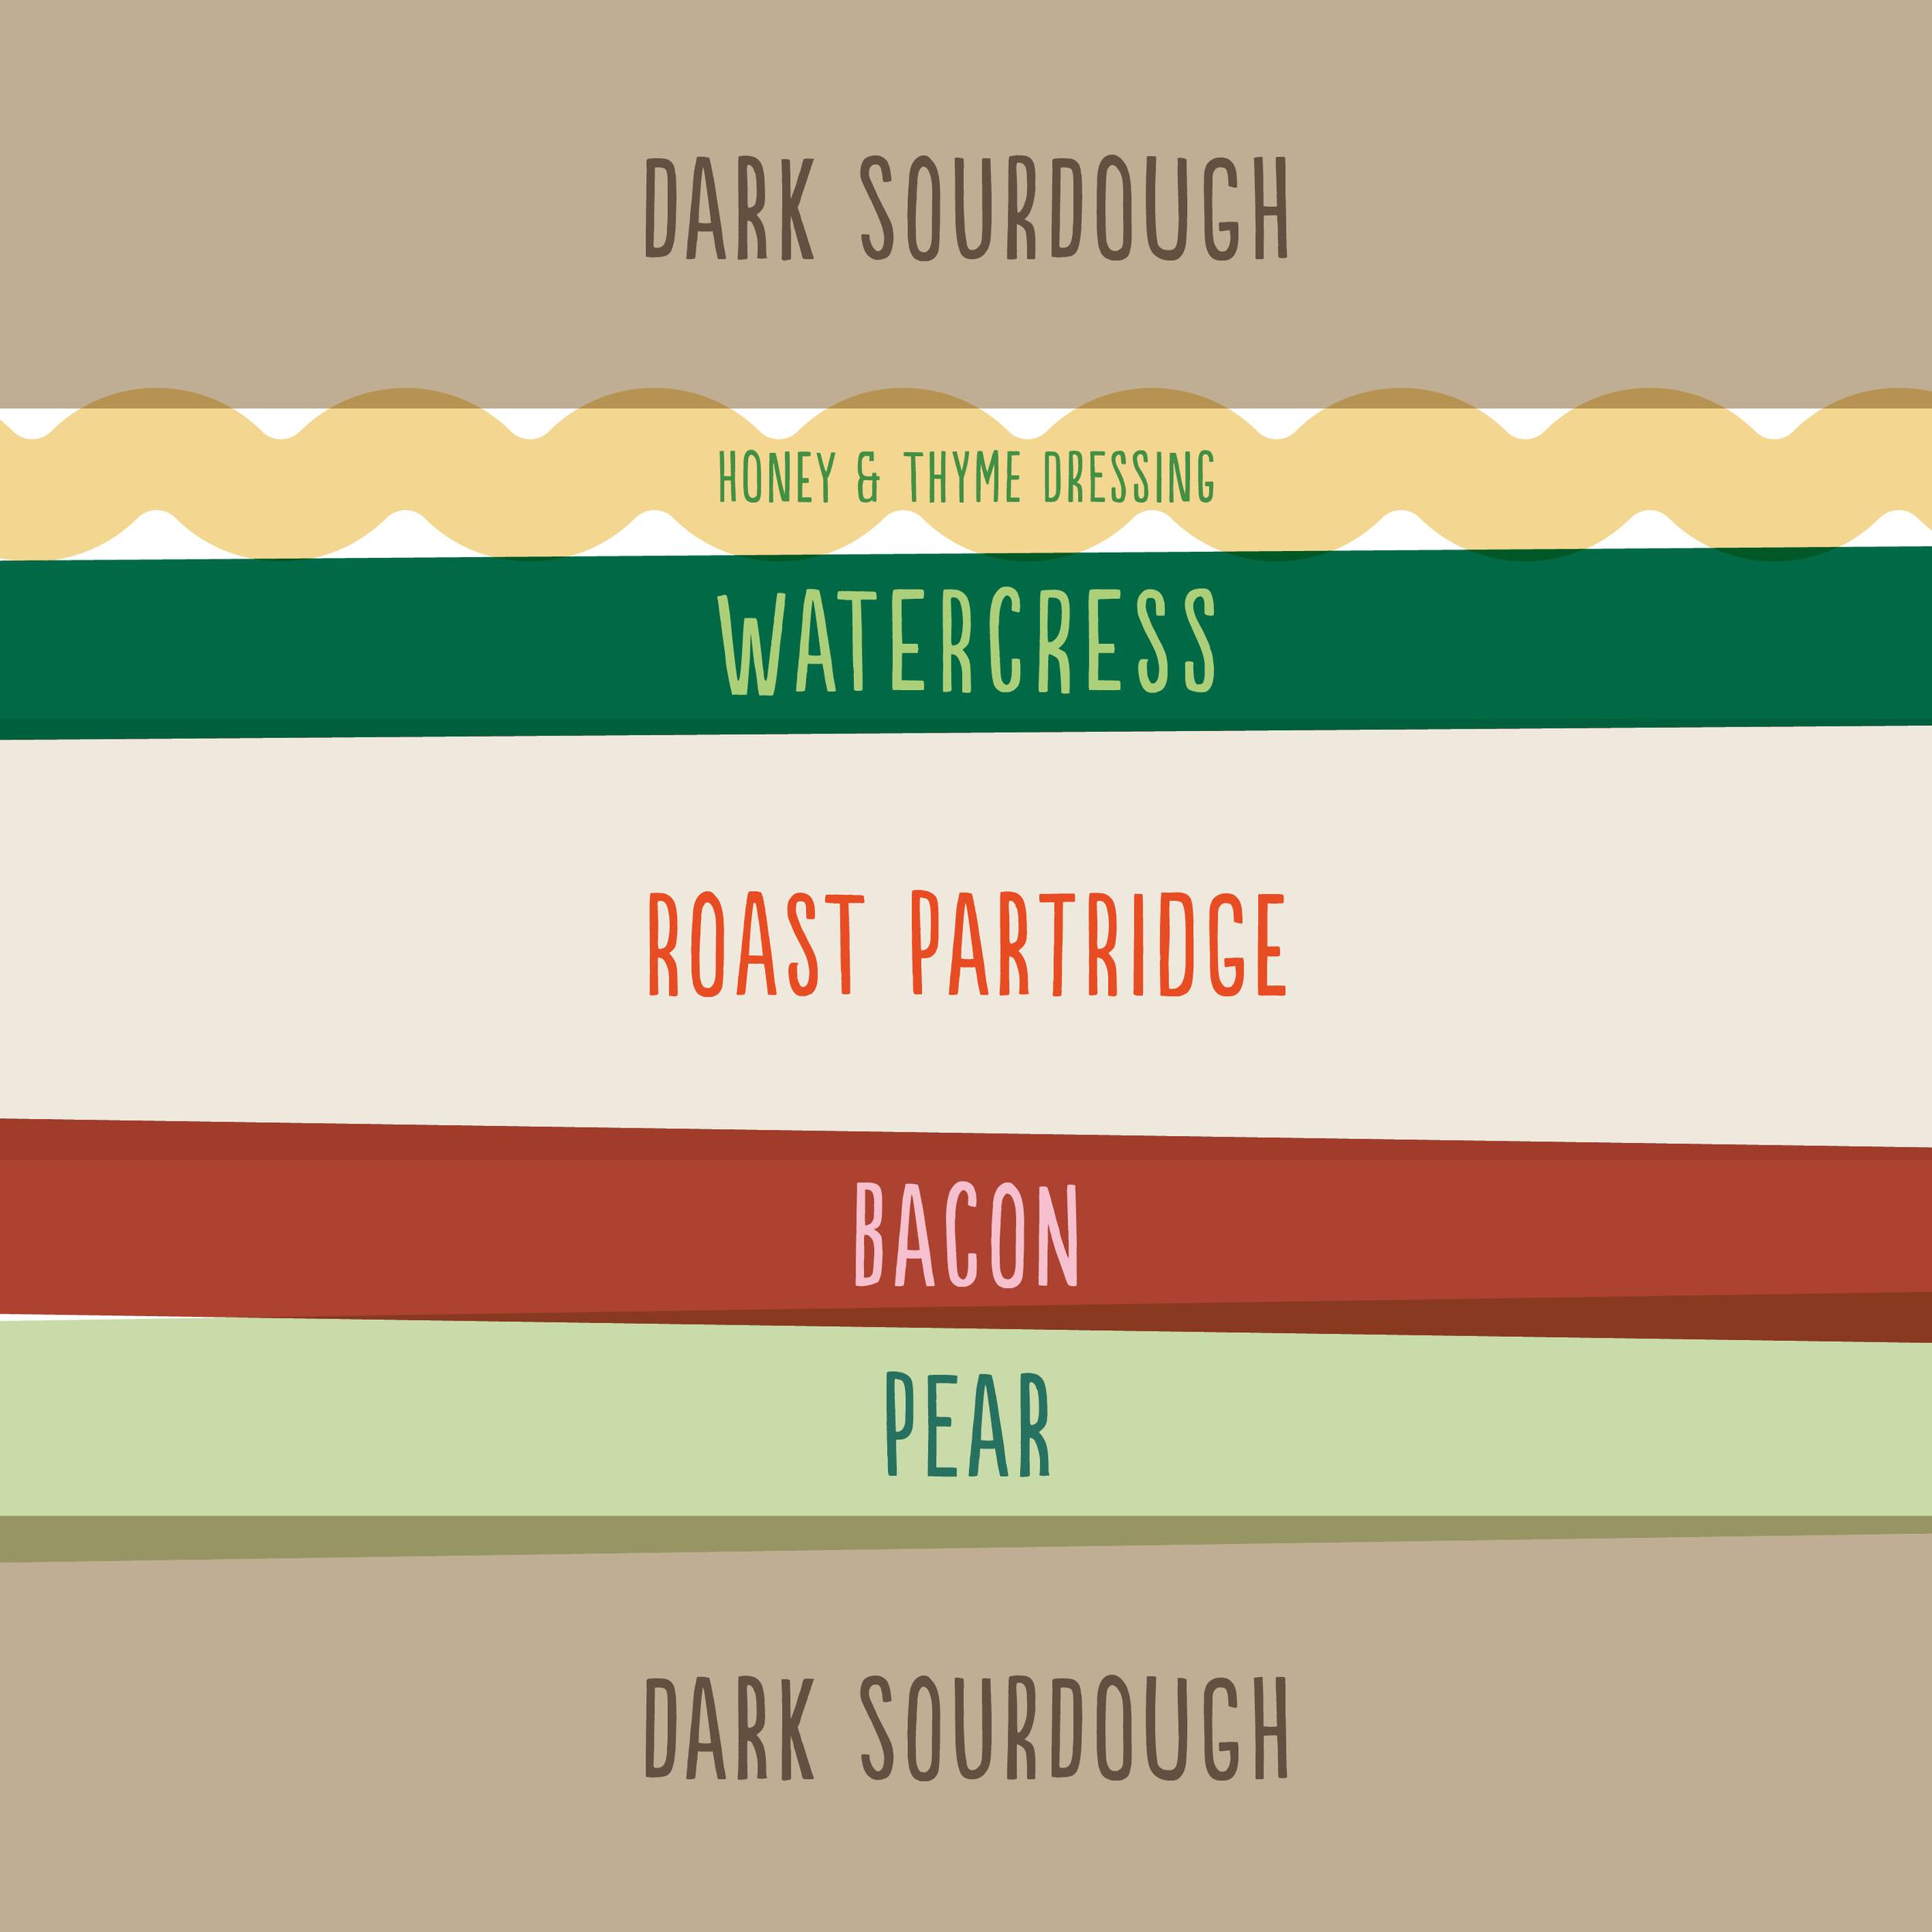 Partridge-bacon-pear-watercress-sandwich.jpg